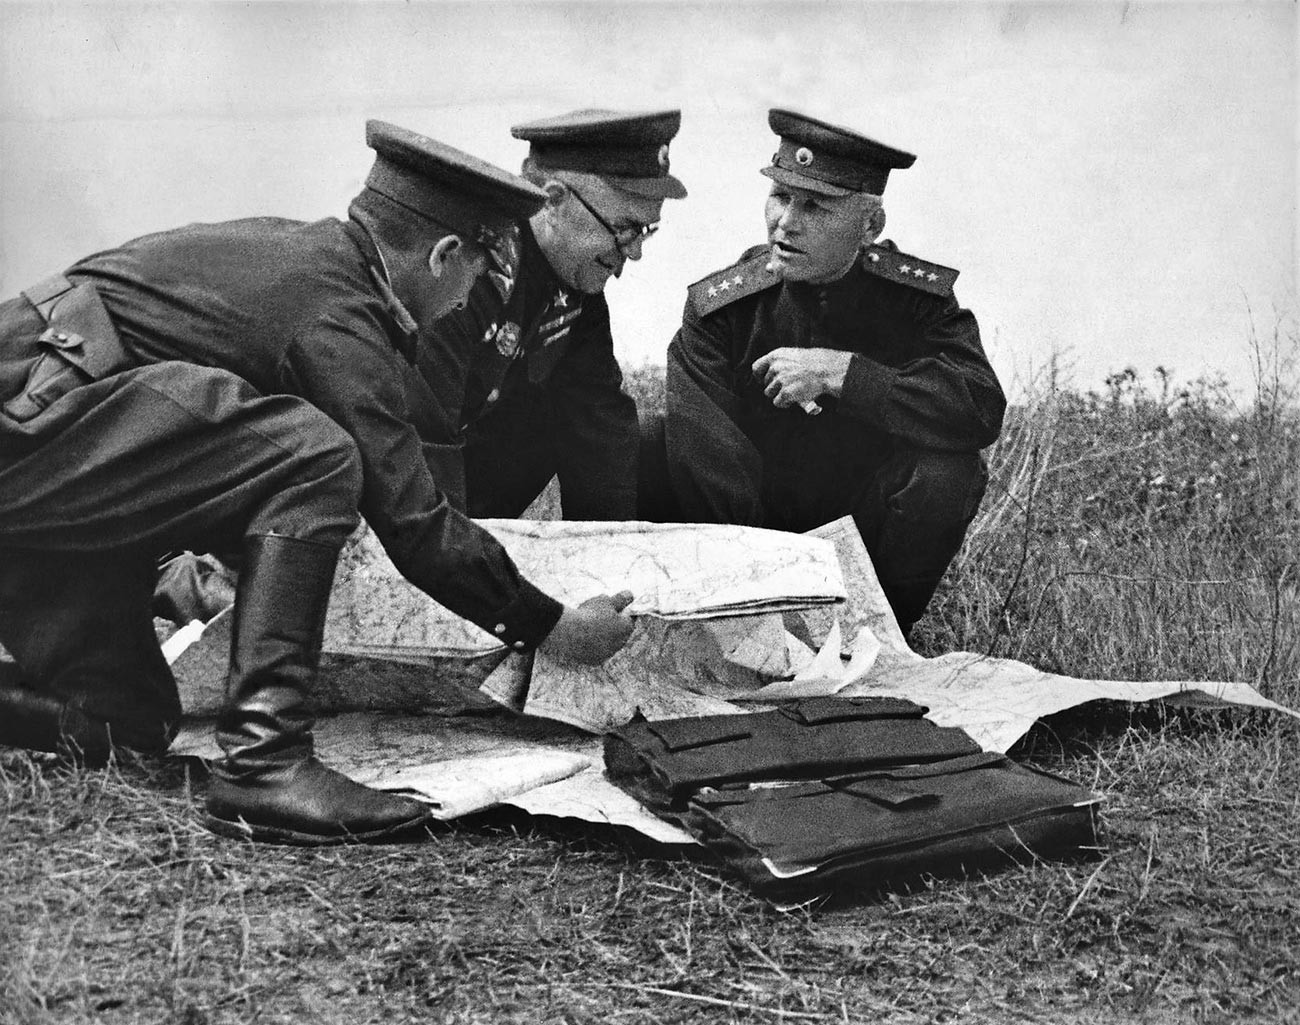 Il maresciallo Georgij Zhukov e il comandante del fronte della steppa Ivan Konev durante la battaglia di Kursk